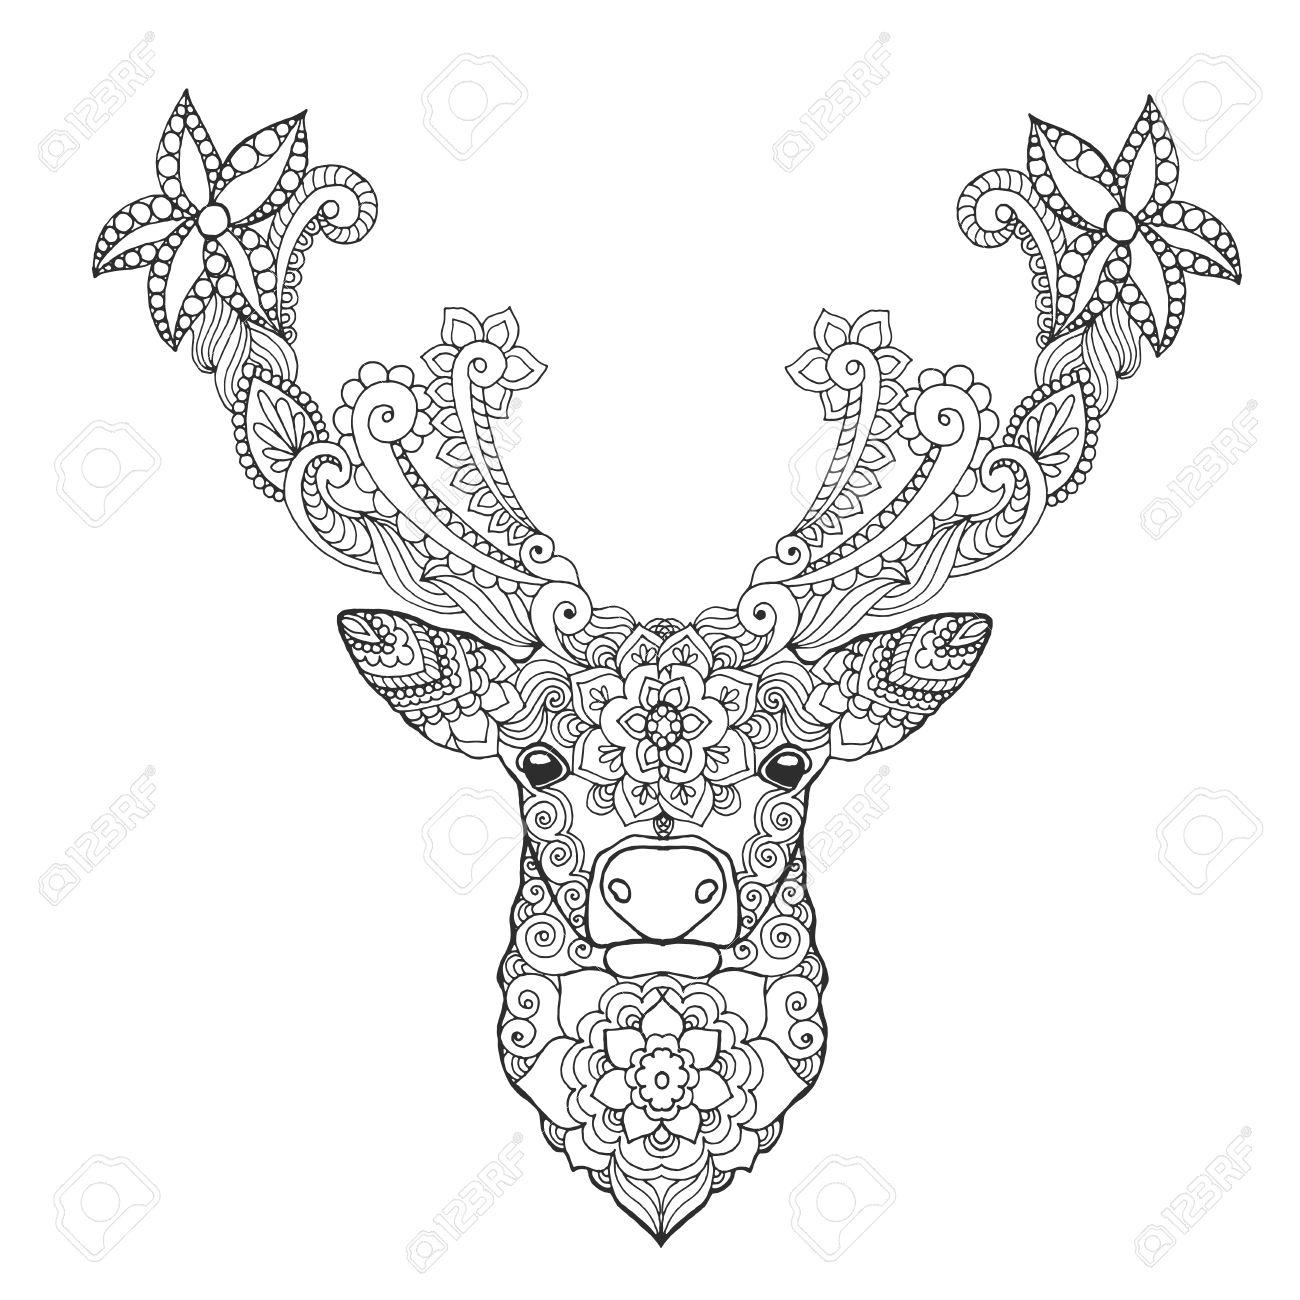 Cabeza De Venado Negro Mano Blanca Dibujada Animales Del Doodle Ilustración Vectorial Estampado étnico Africano Indio Tótem Tribal Boceto